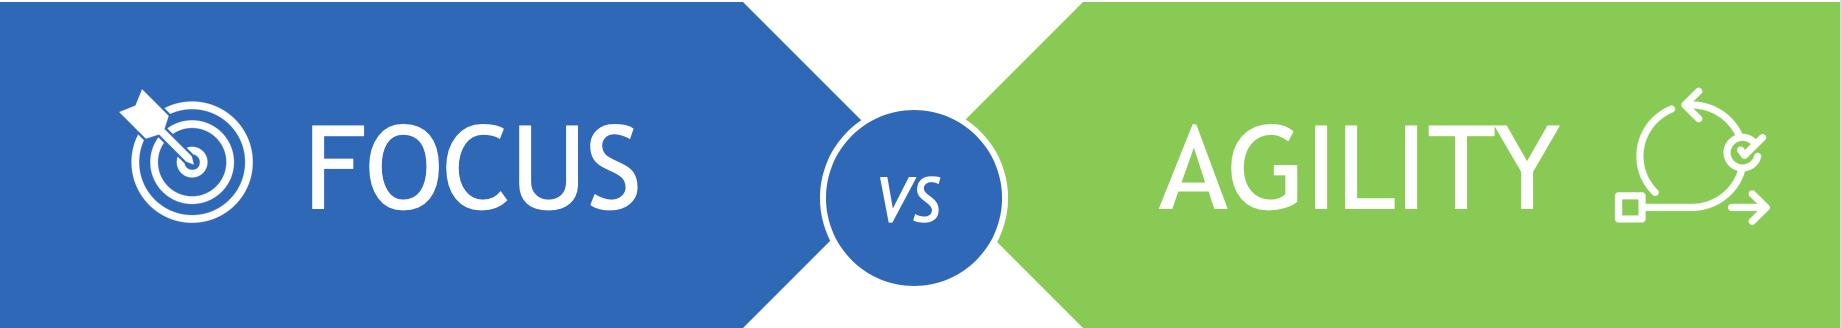 Focus vs Agility